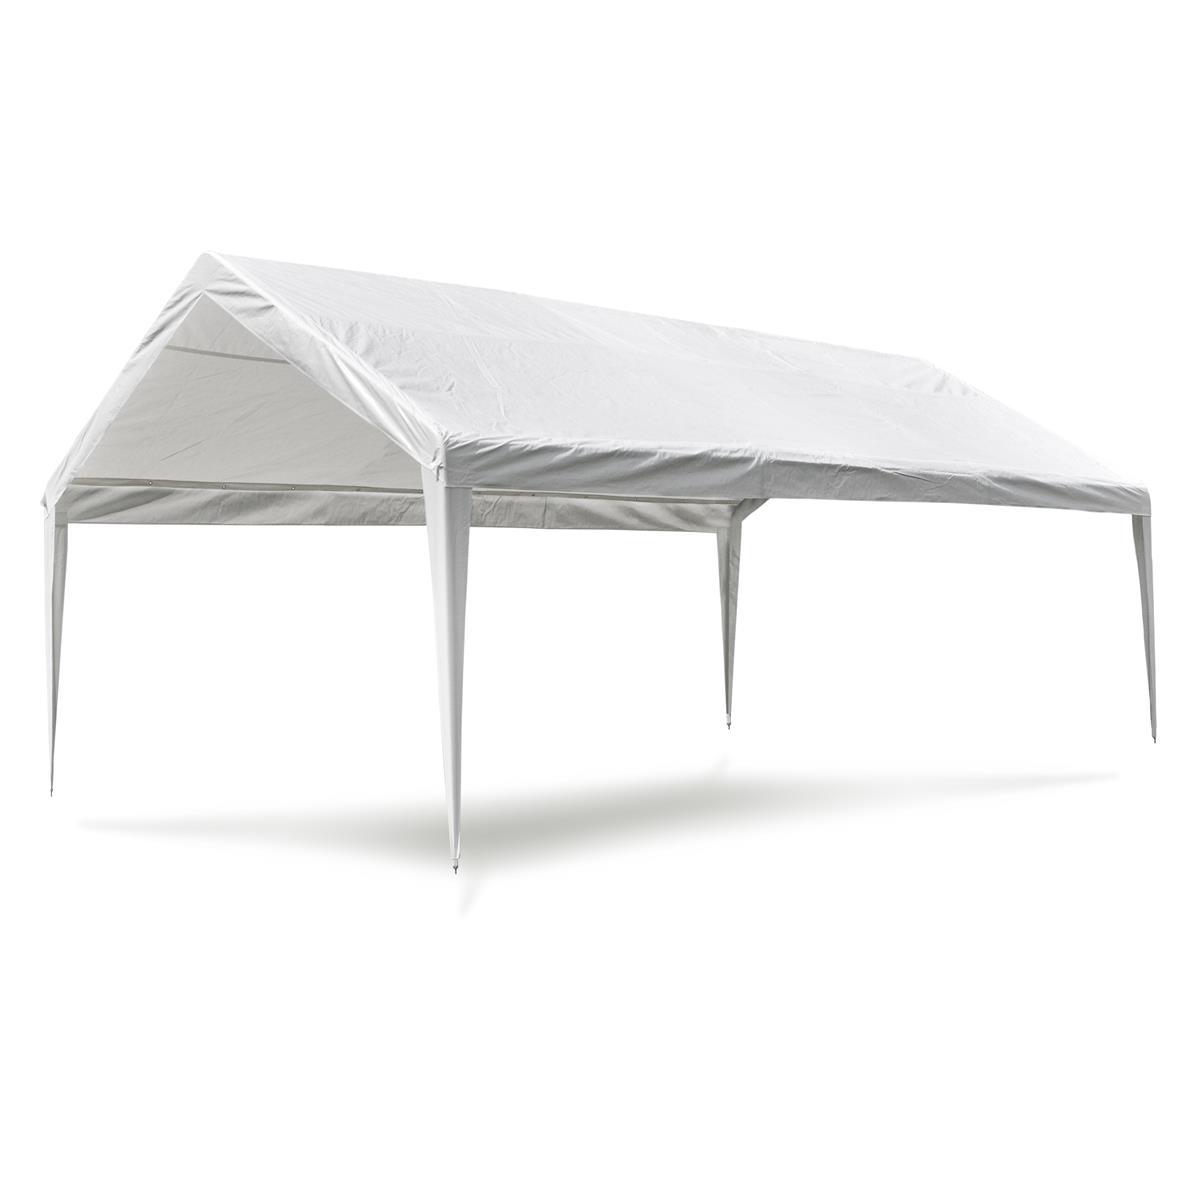 Střecha 4 X 6